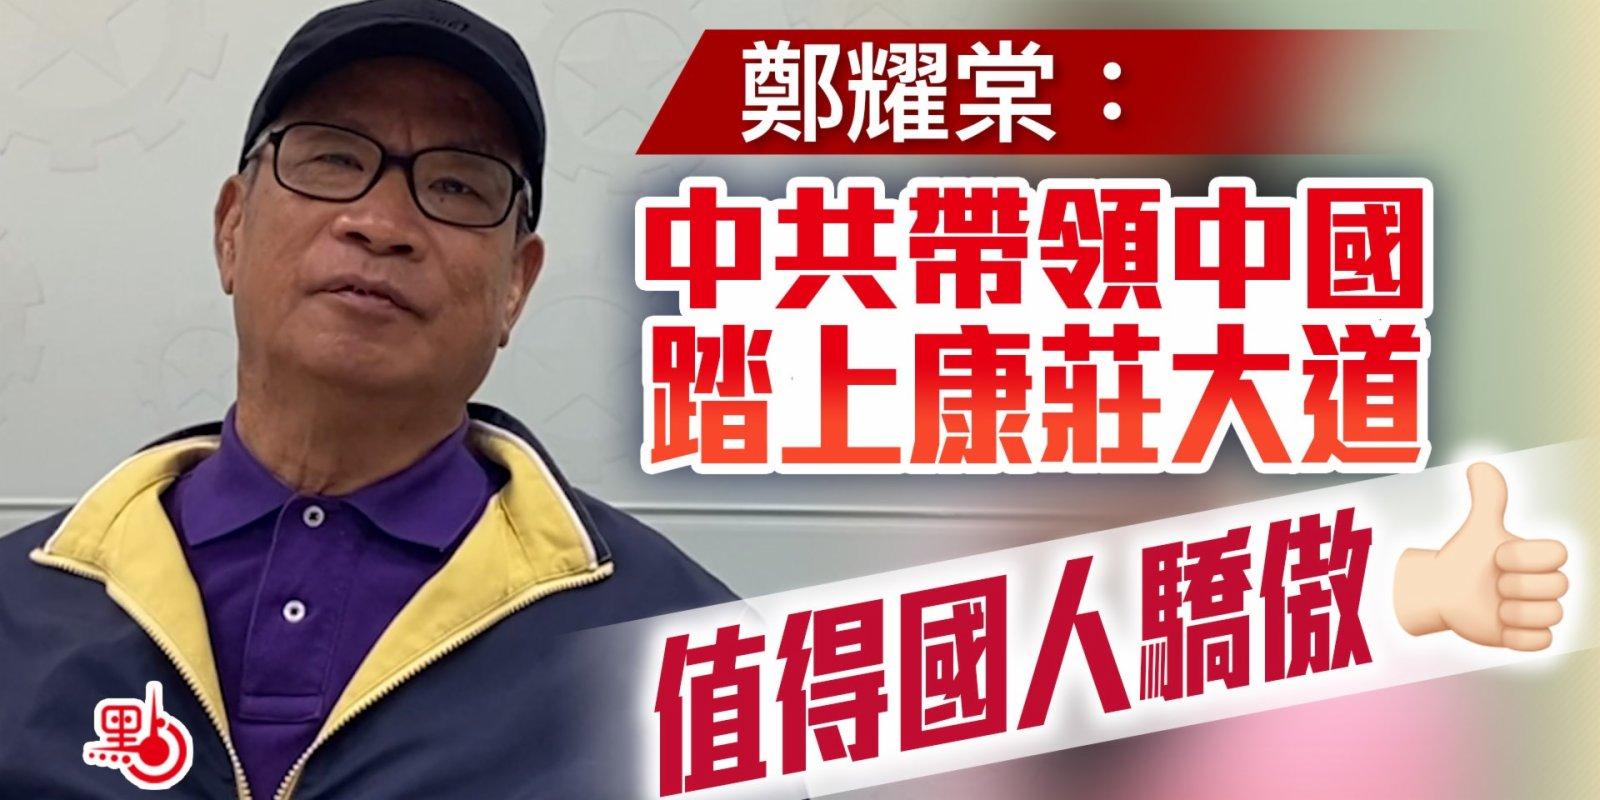 鄭耀棠:中共帶領中國踏上康莊大道 值得國人驕傲